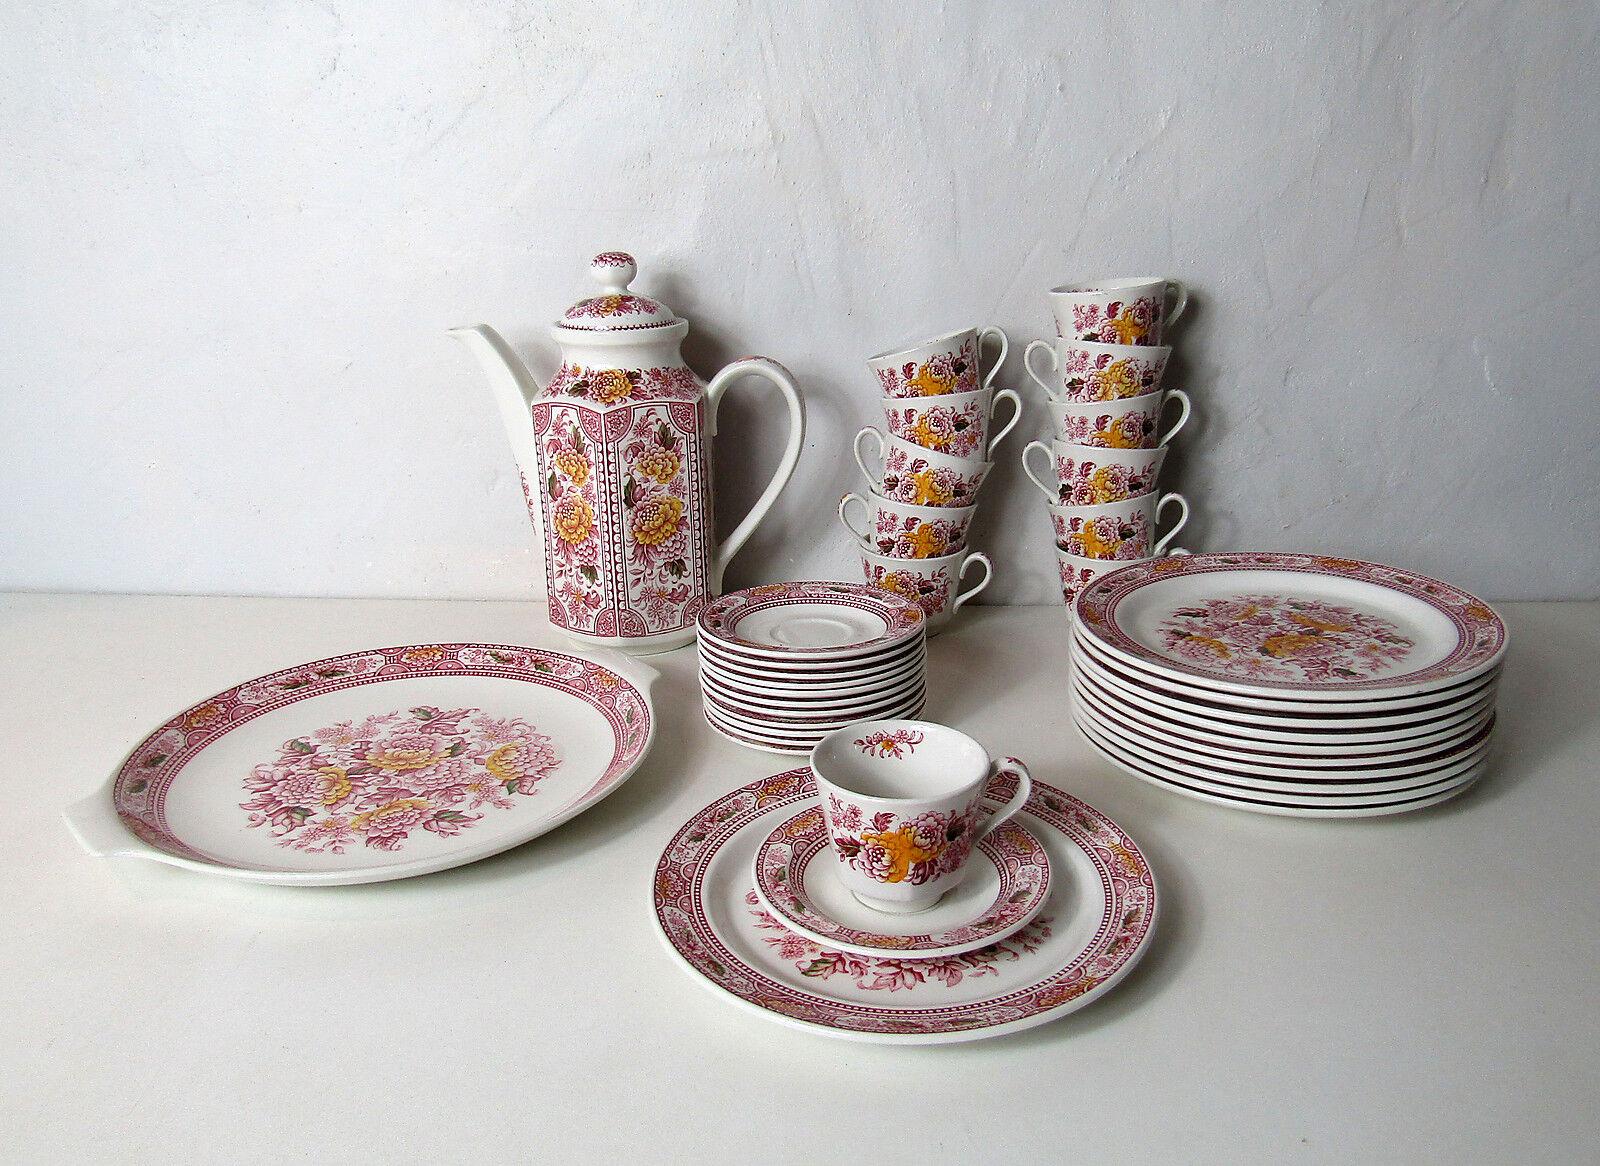 Faience Staffordshire England service assiettes plat gateau tasses Vintage